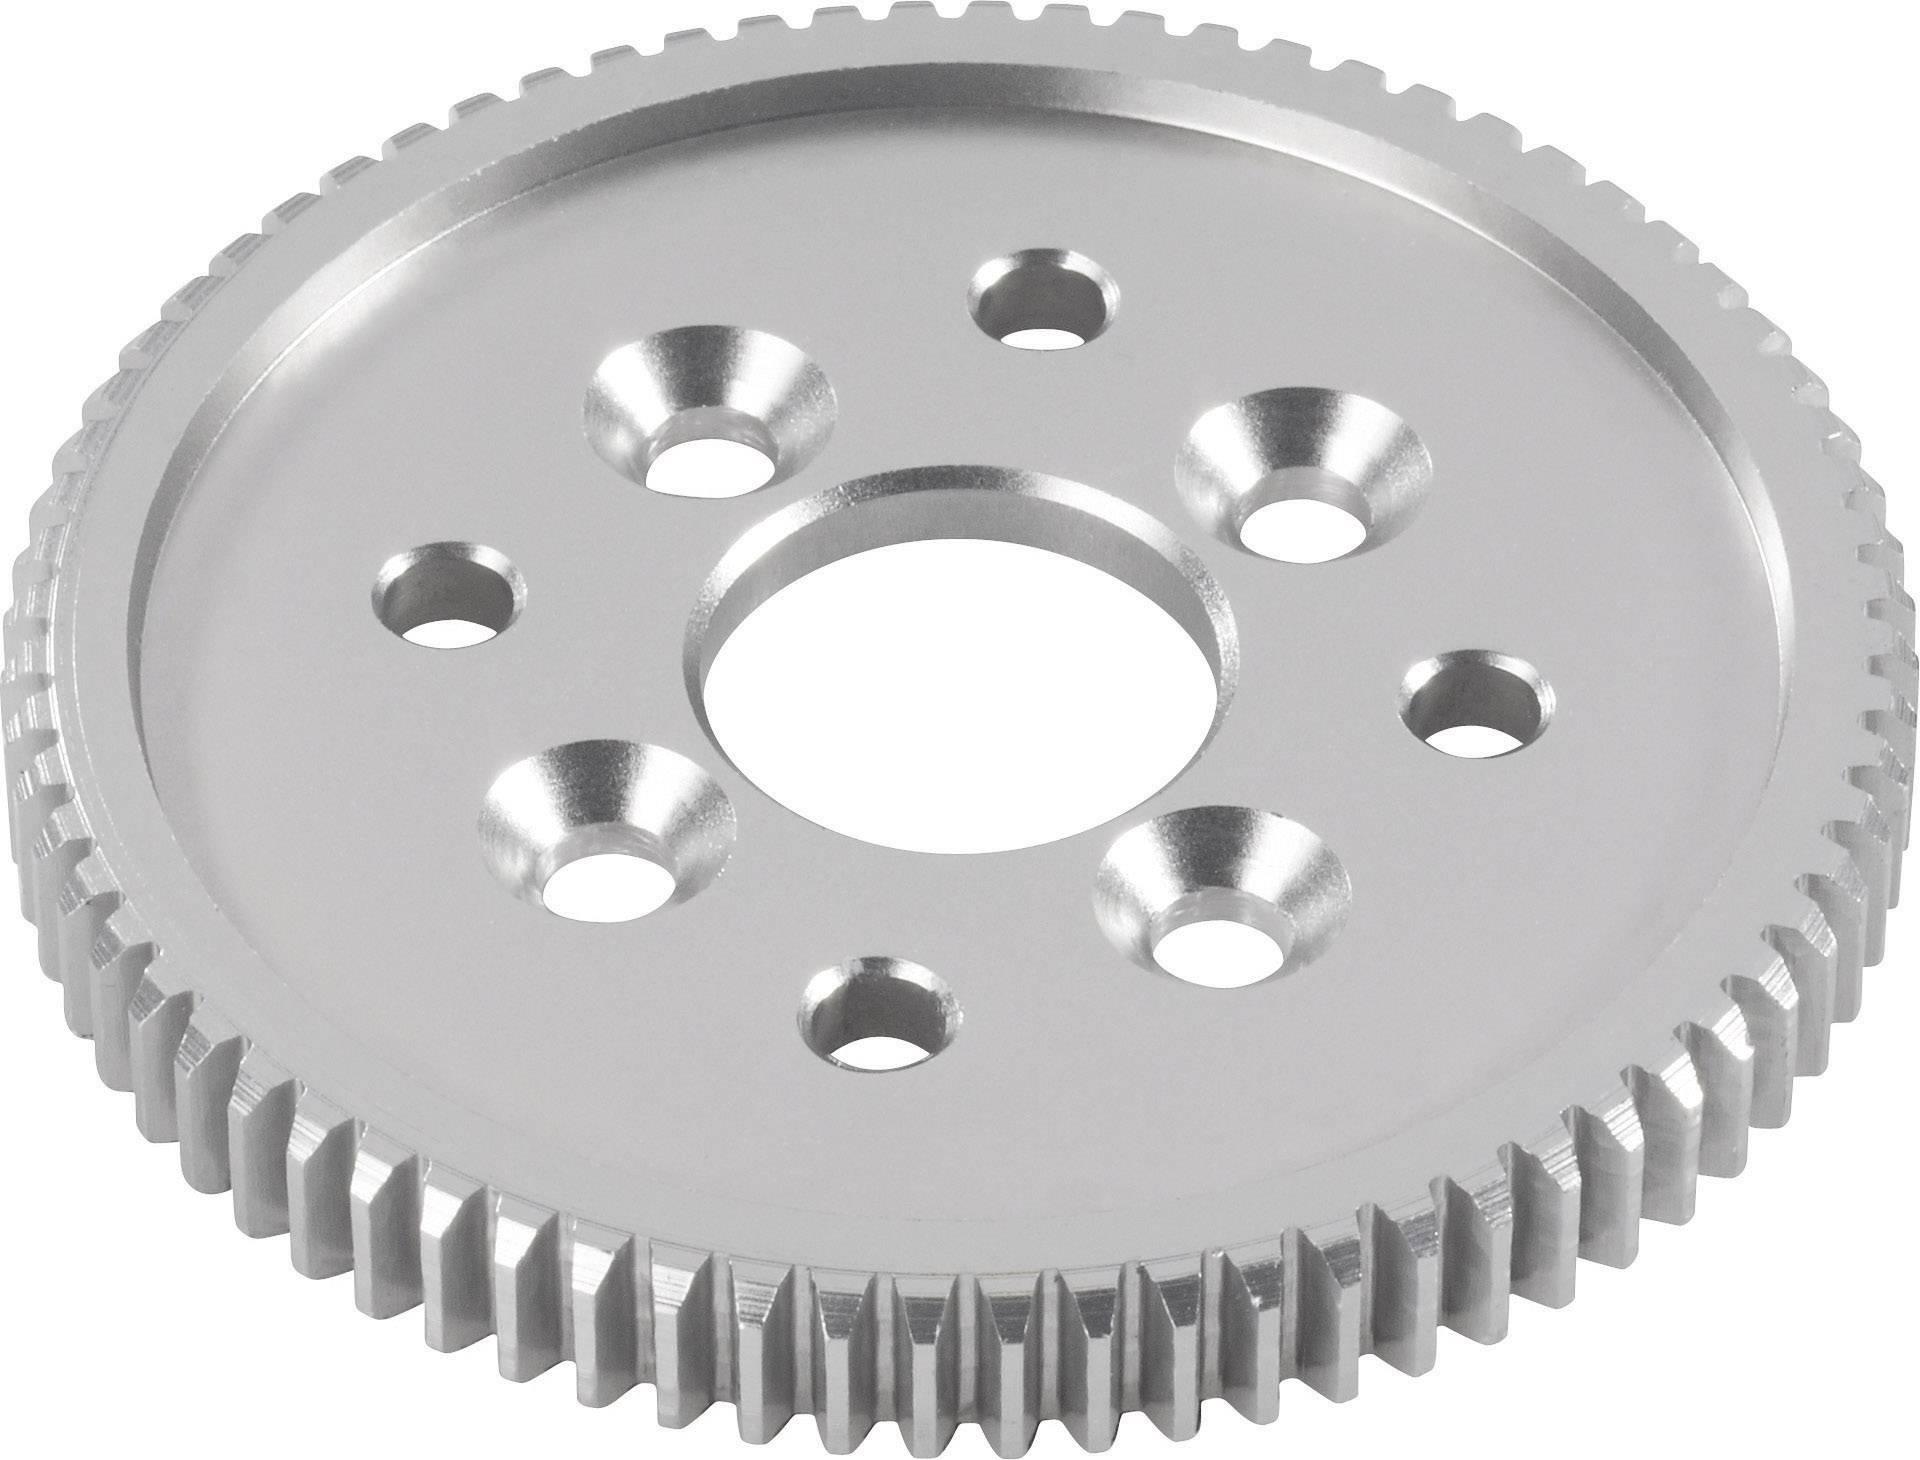 Hliníkové hlavní ozubené kolo Reely, 62 zubů (532033C)